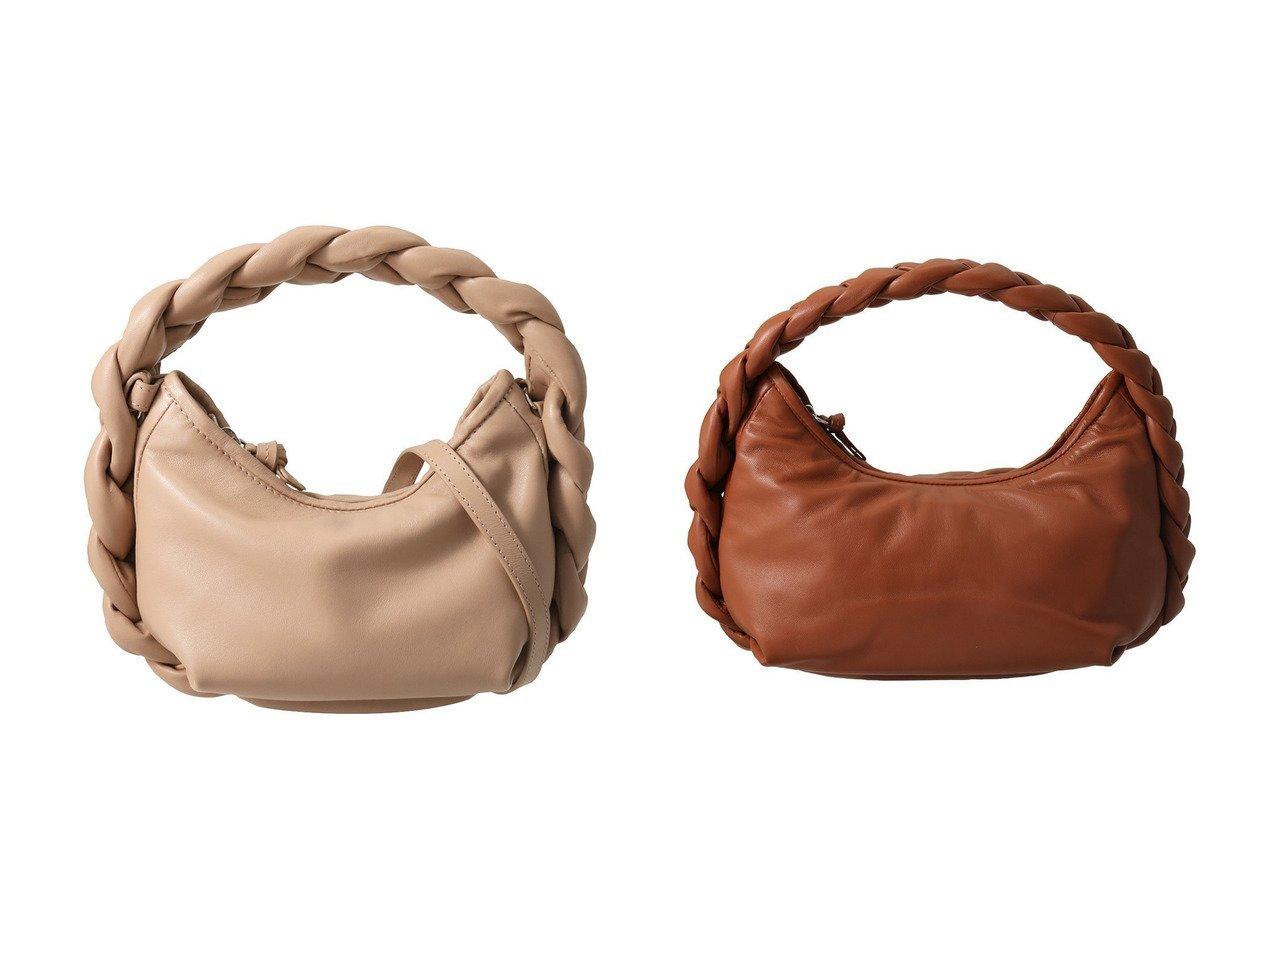 【martinique/マルティニーク】の【HEREU】ラムスキン編み込みハンドルバッグ&【HEREU】ラムスキン編み込みハンドルバッグ バッグ・鞄のおすすめ!人気、トレンド・レディースファッションの通販 おすすめで人気の流行・トレンド、ファッションの通販商品 メンズファッション・キッズファッション・インテリア・家具・レディースファッション・服の通販 founy(ファニー) https://founy.com/ ファッション Fashion レディースファッション WOMEN バッグ Bag 2021年 2021 2021 春夏 S/S SS Spring/Summer 2021 S/S 春夏 SS Spring/Summer なめらか コンパクト ハンドバッグ 春 Spring |ID:crp329100000015337